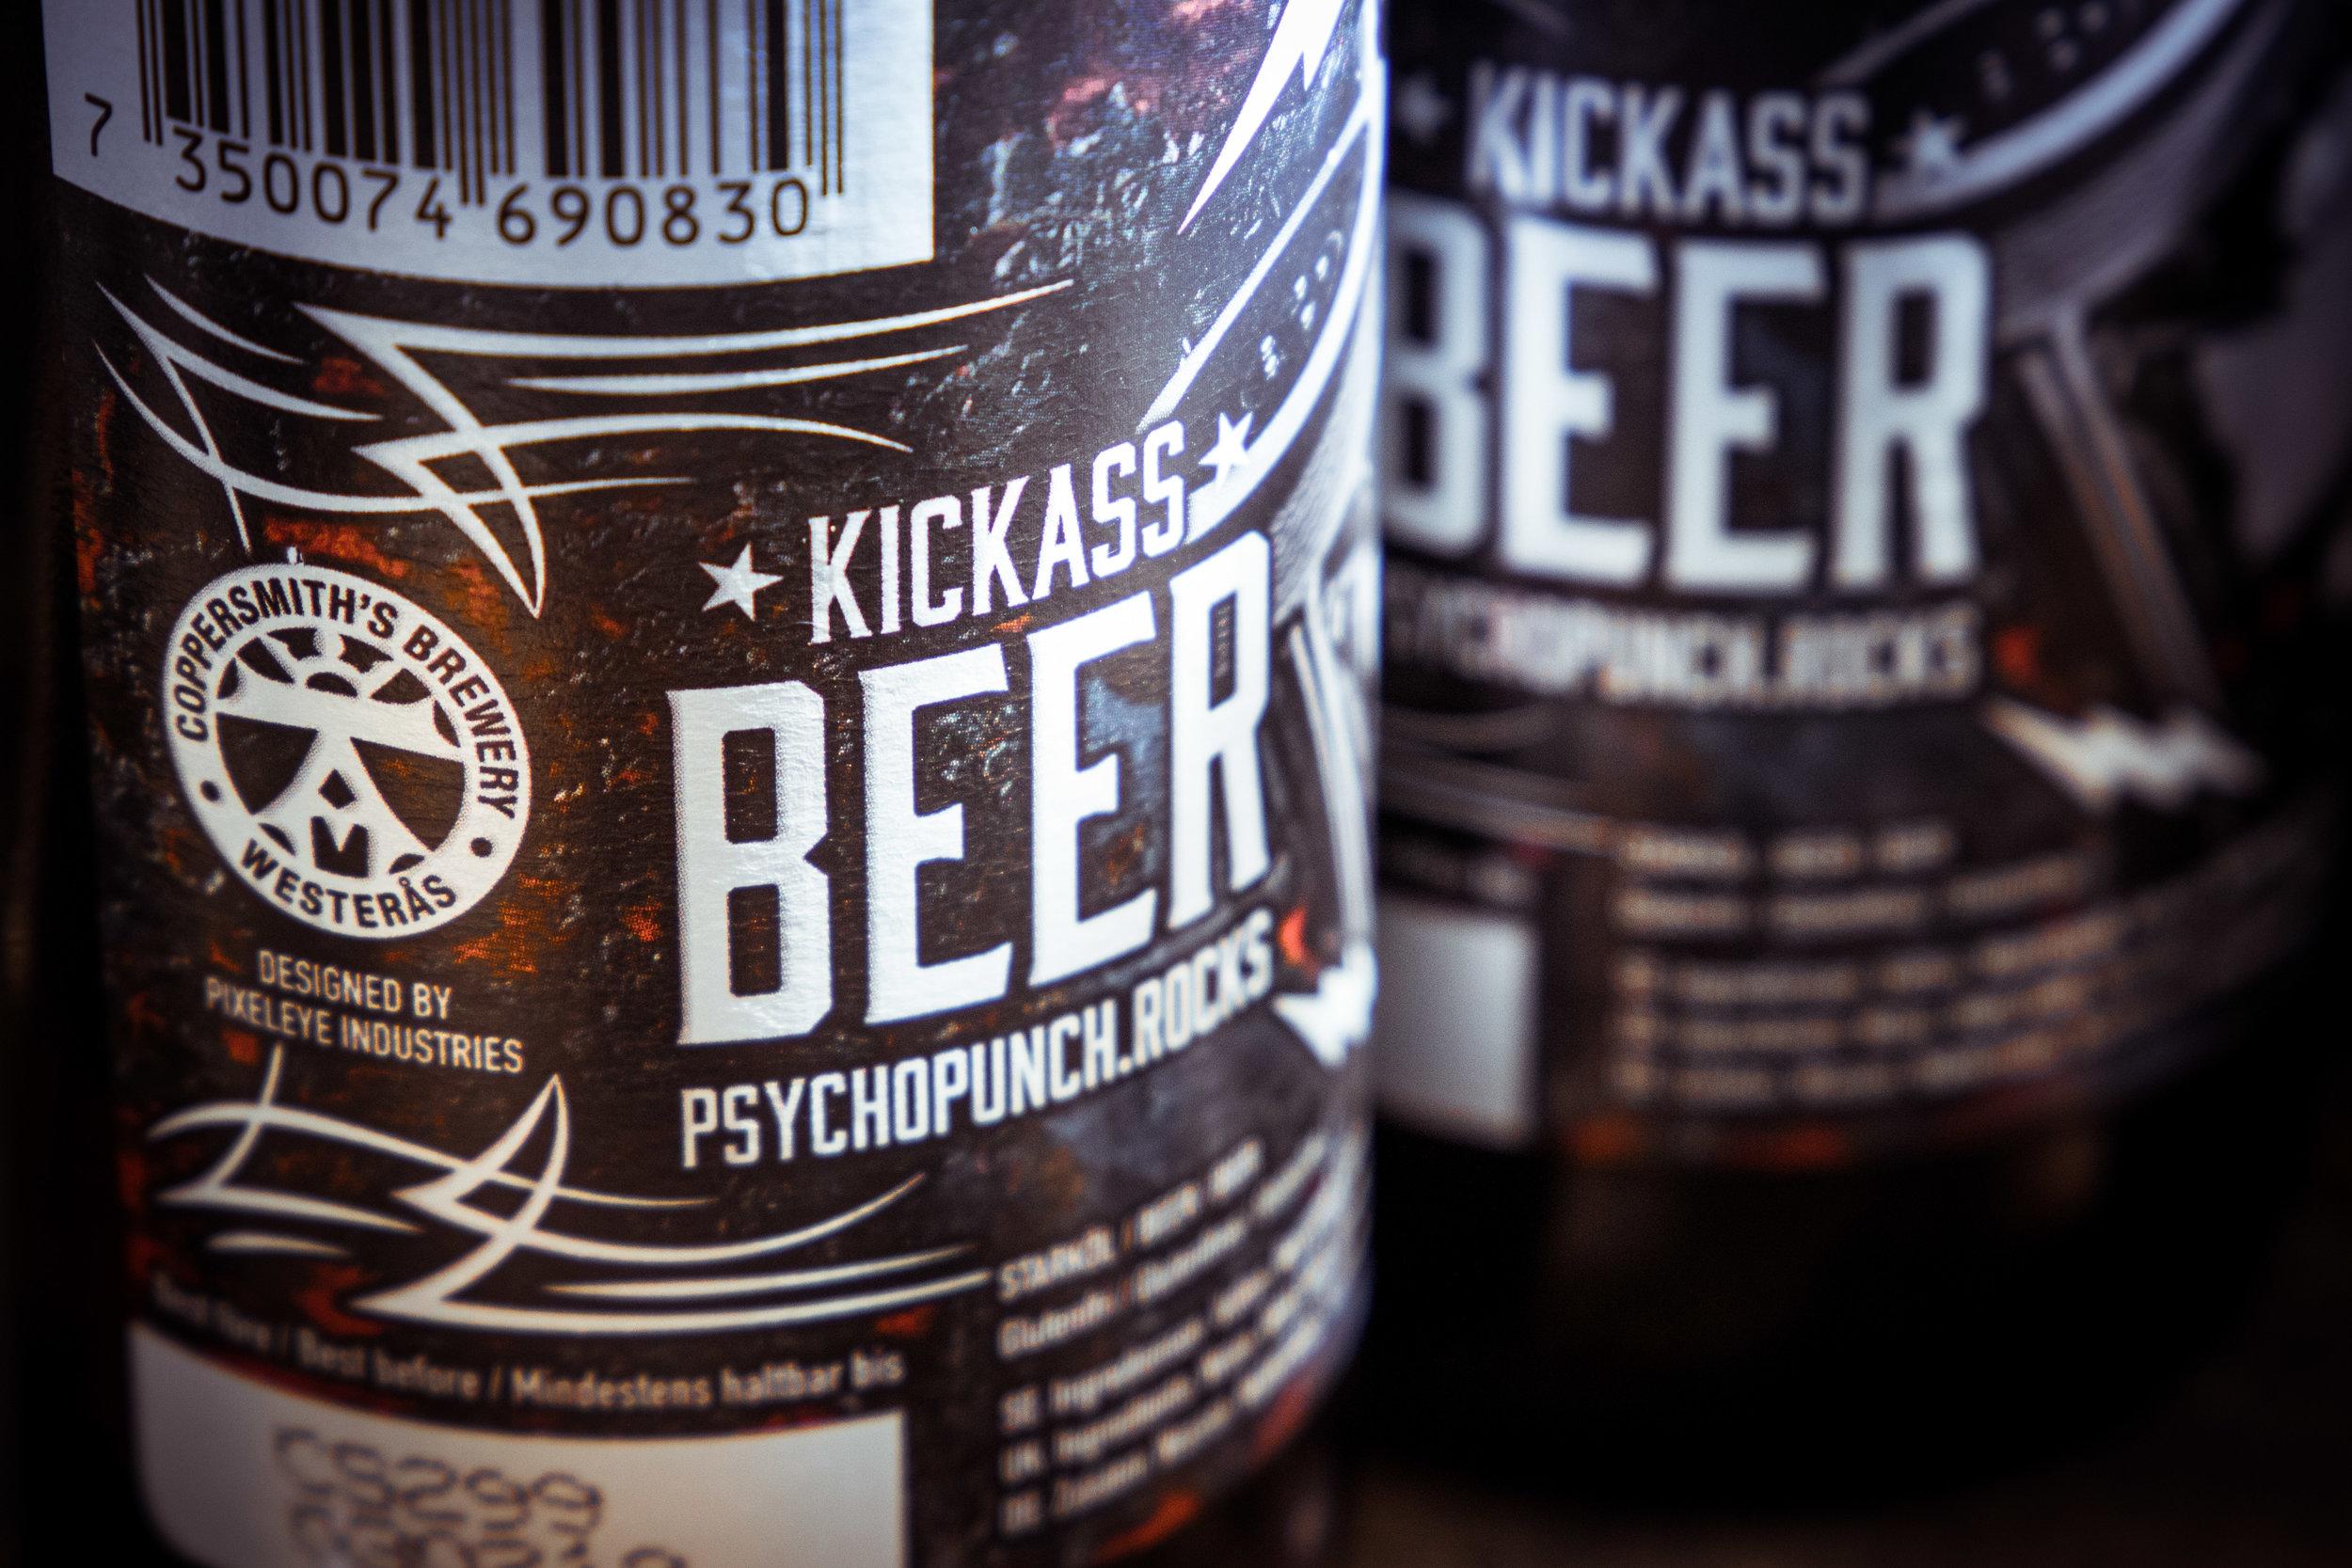 Psychopunch Beer by Dirk Behlau 2018-4716.jpg